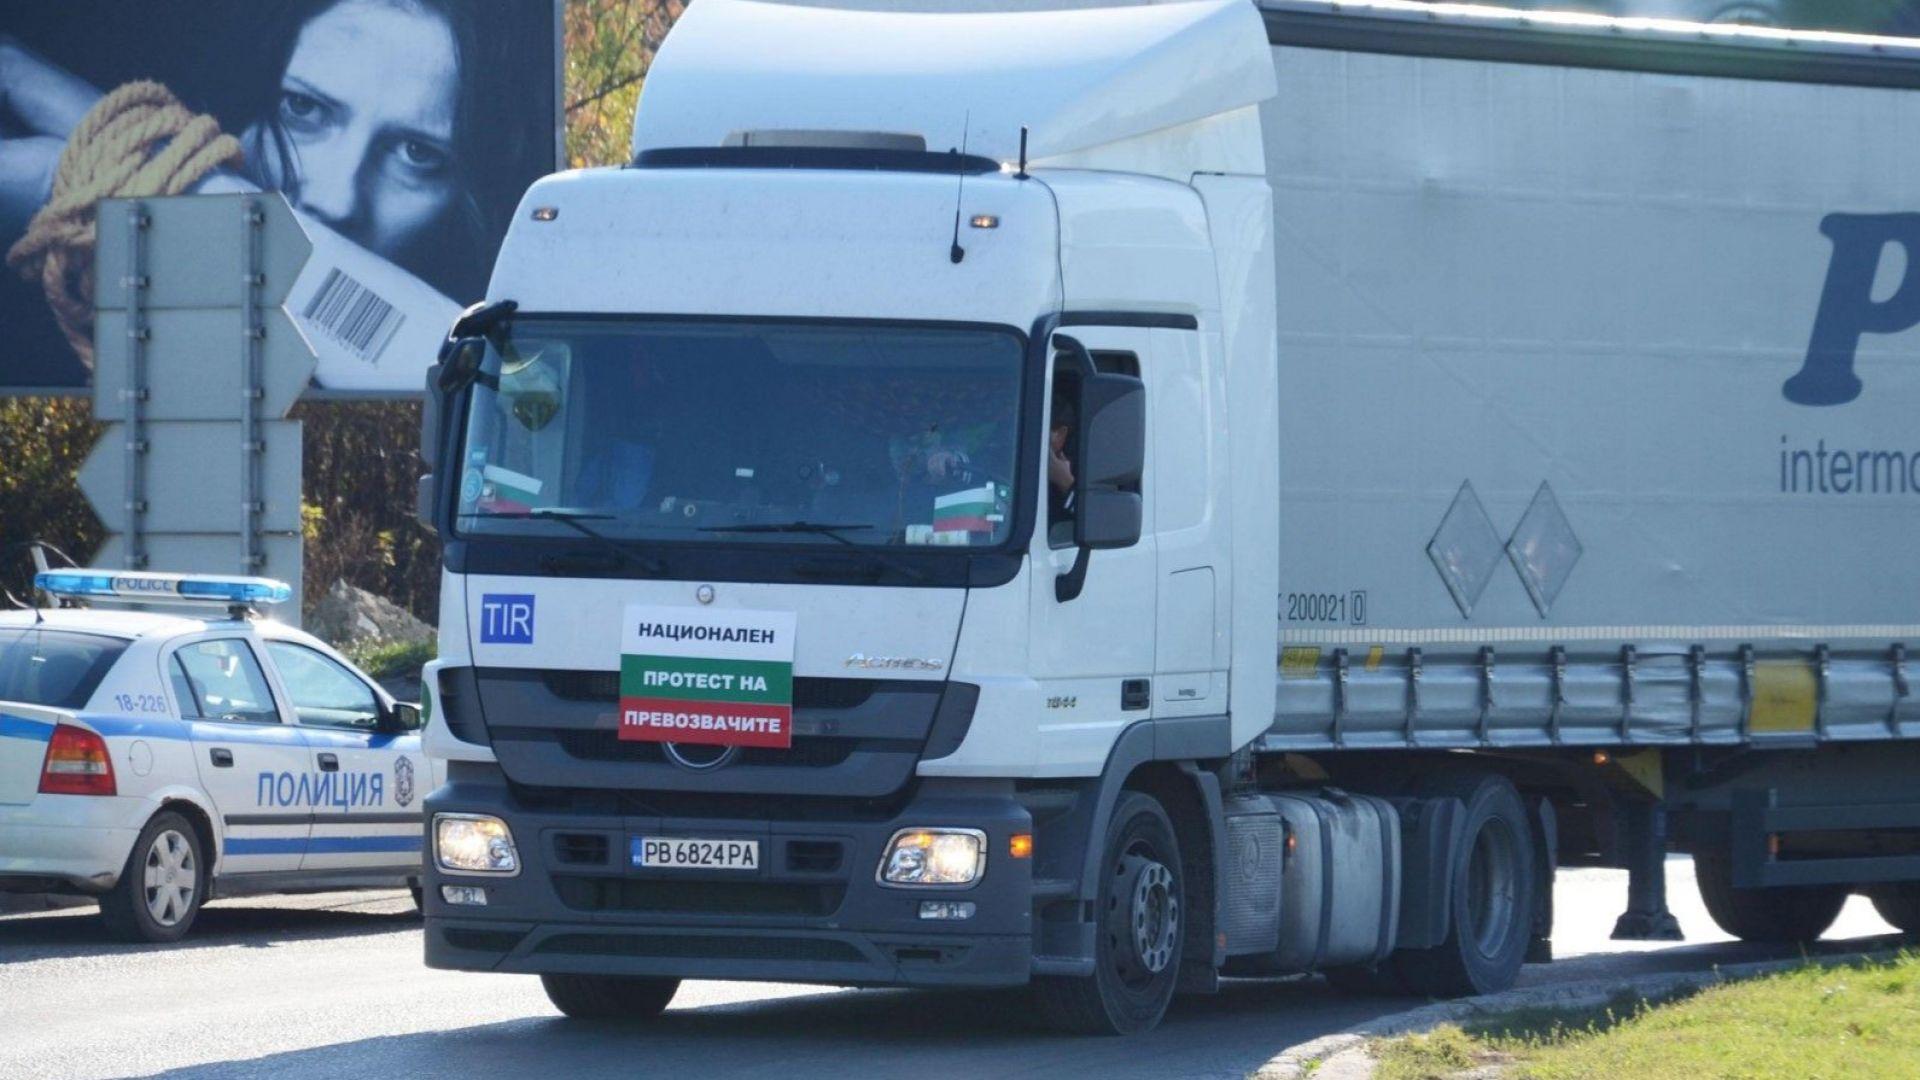 Стопанската камара подкрепи протеста на превозвачите